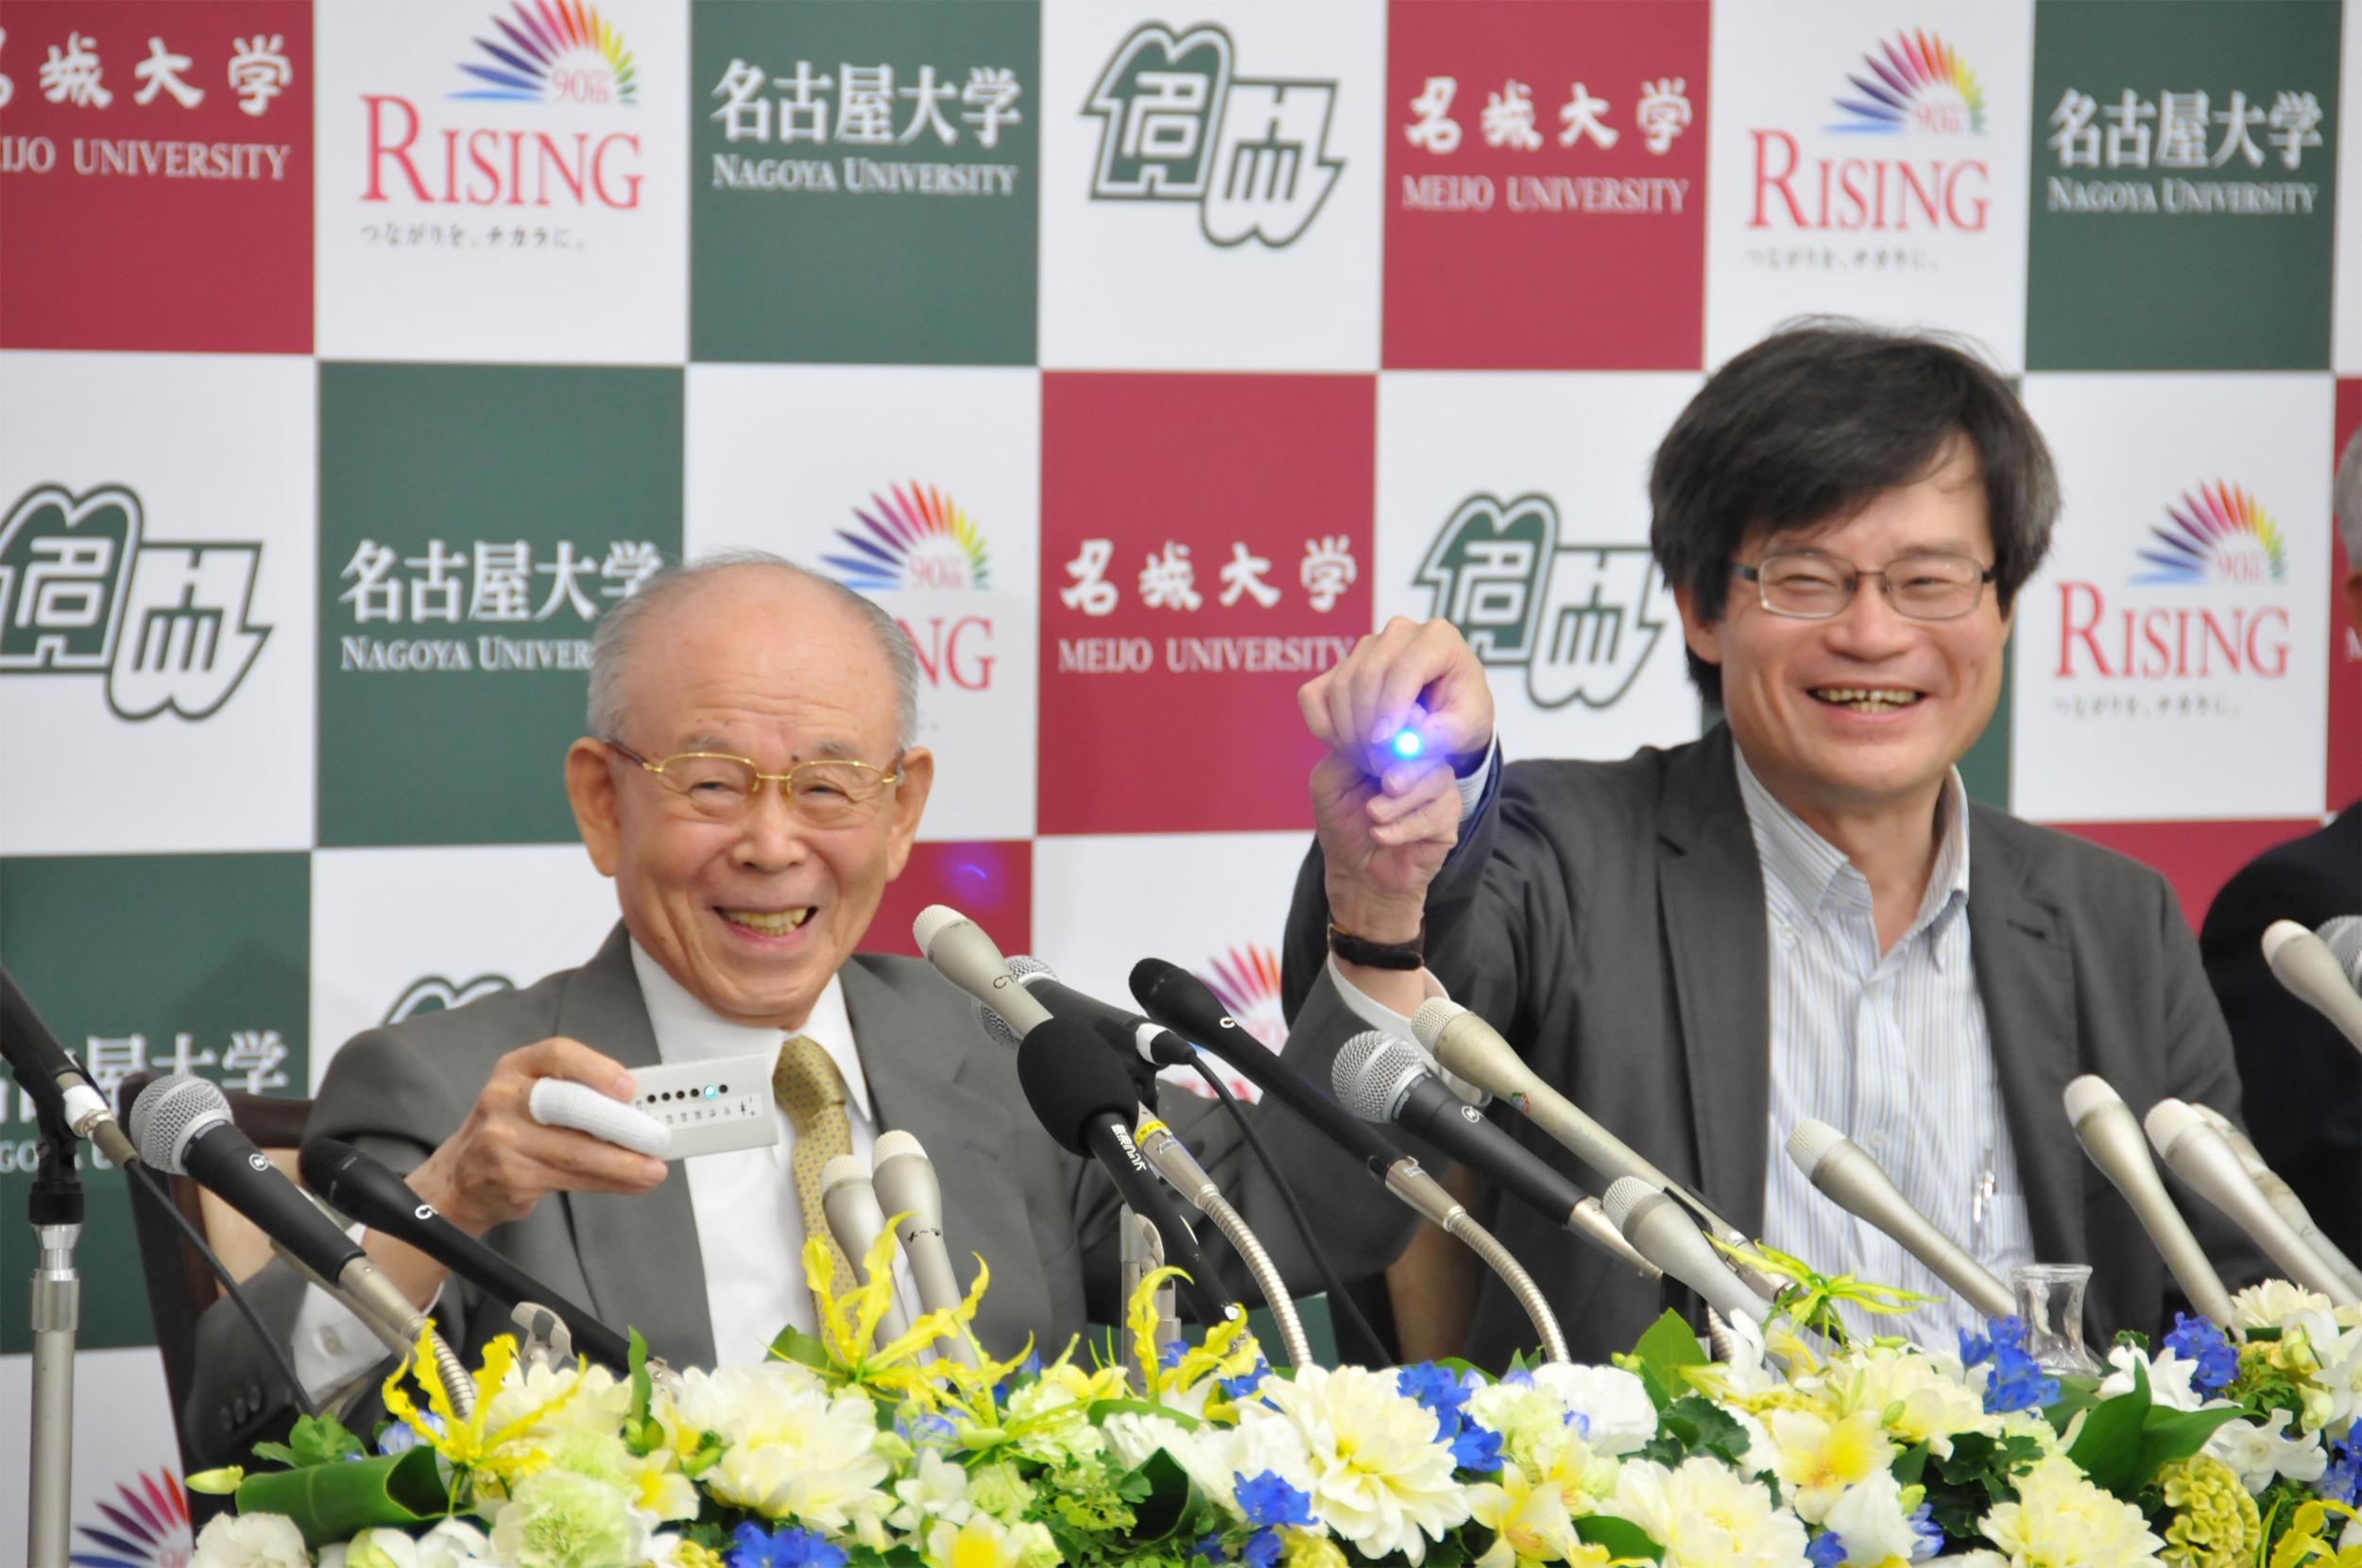 青色LEDを手に笑顔の赤﨑教授(左)と天野教授(10月10日、名古屋大学)